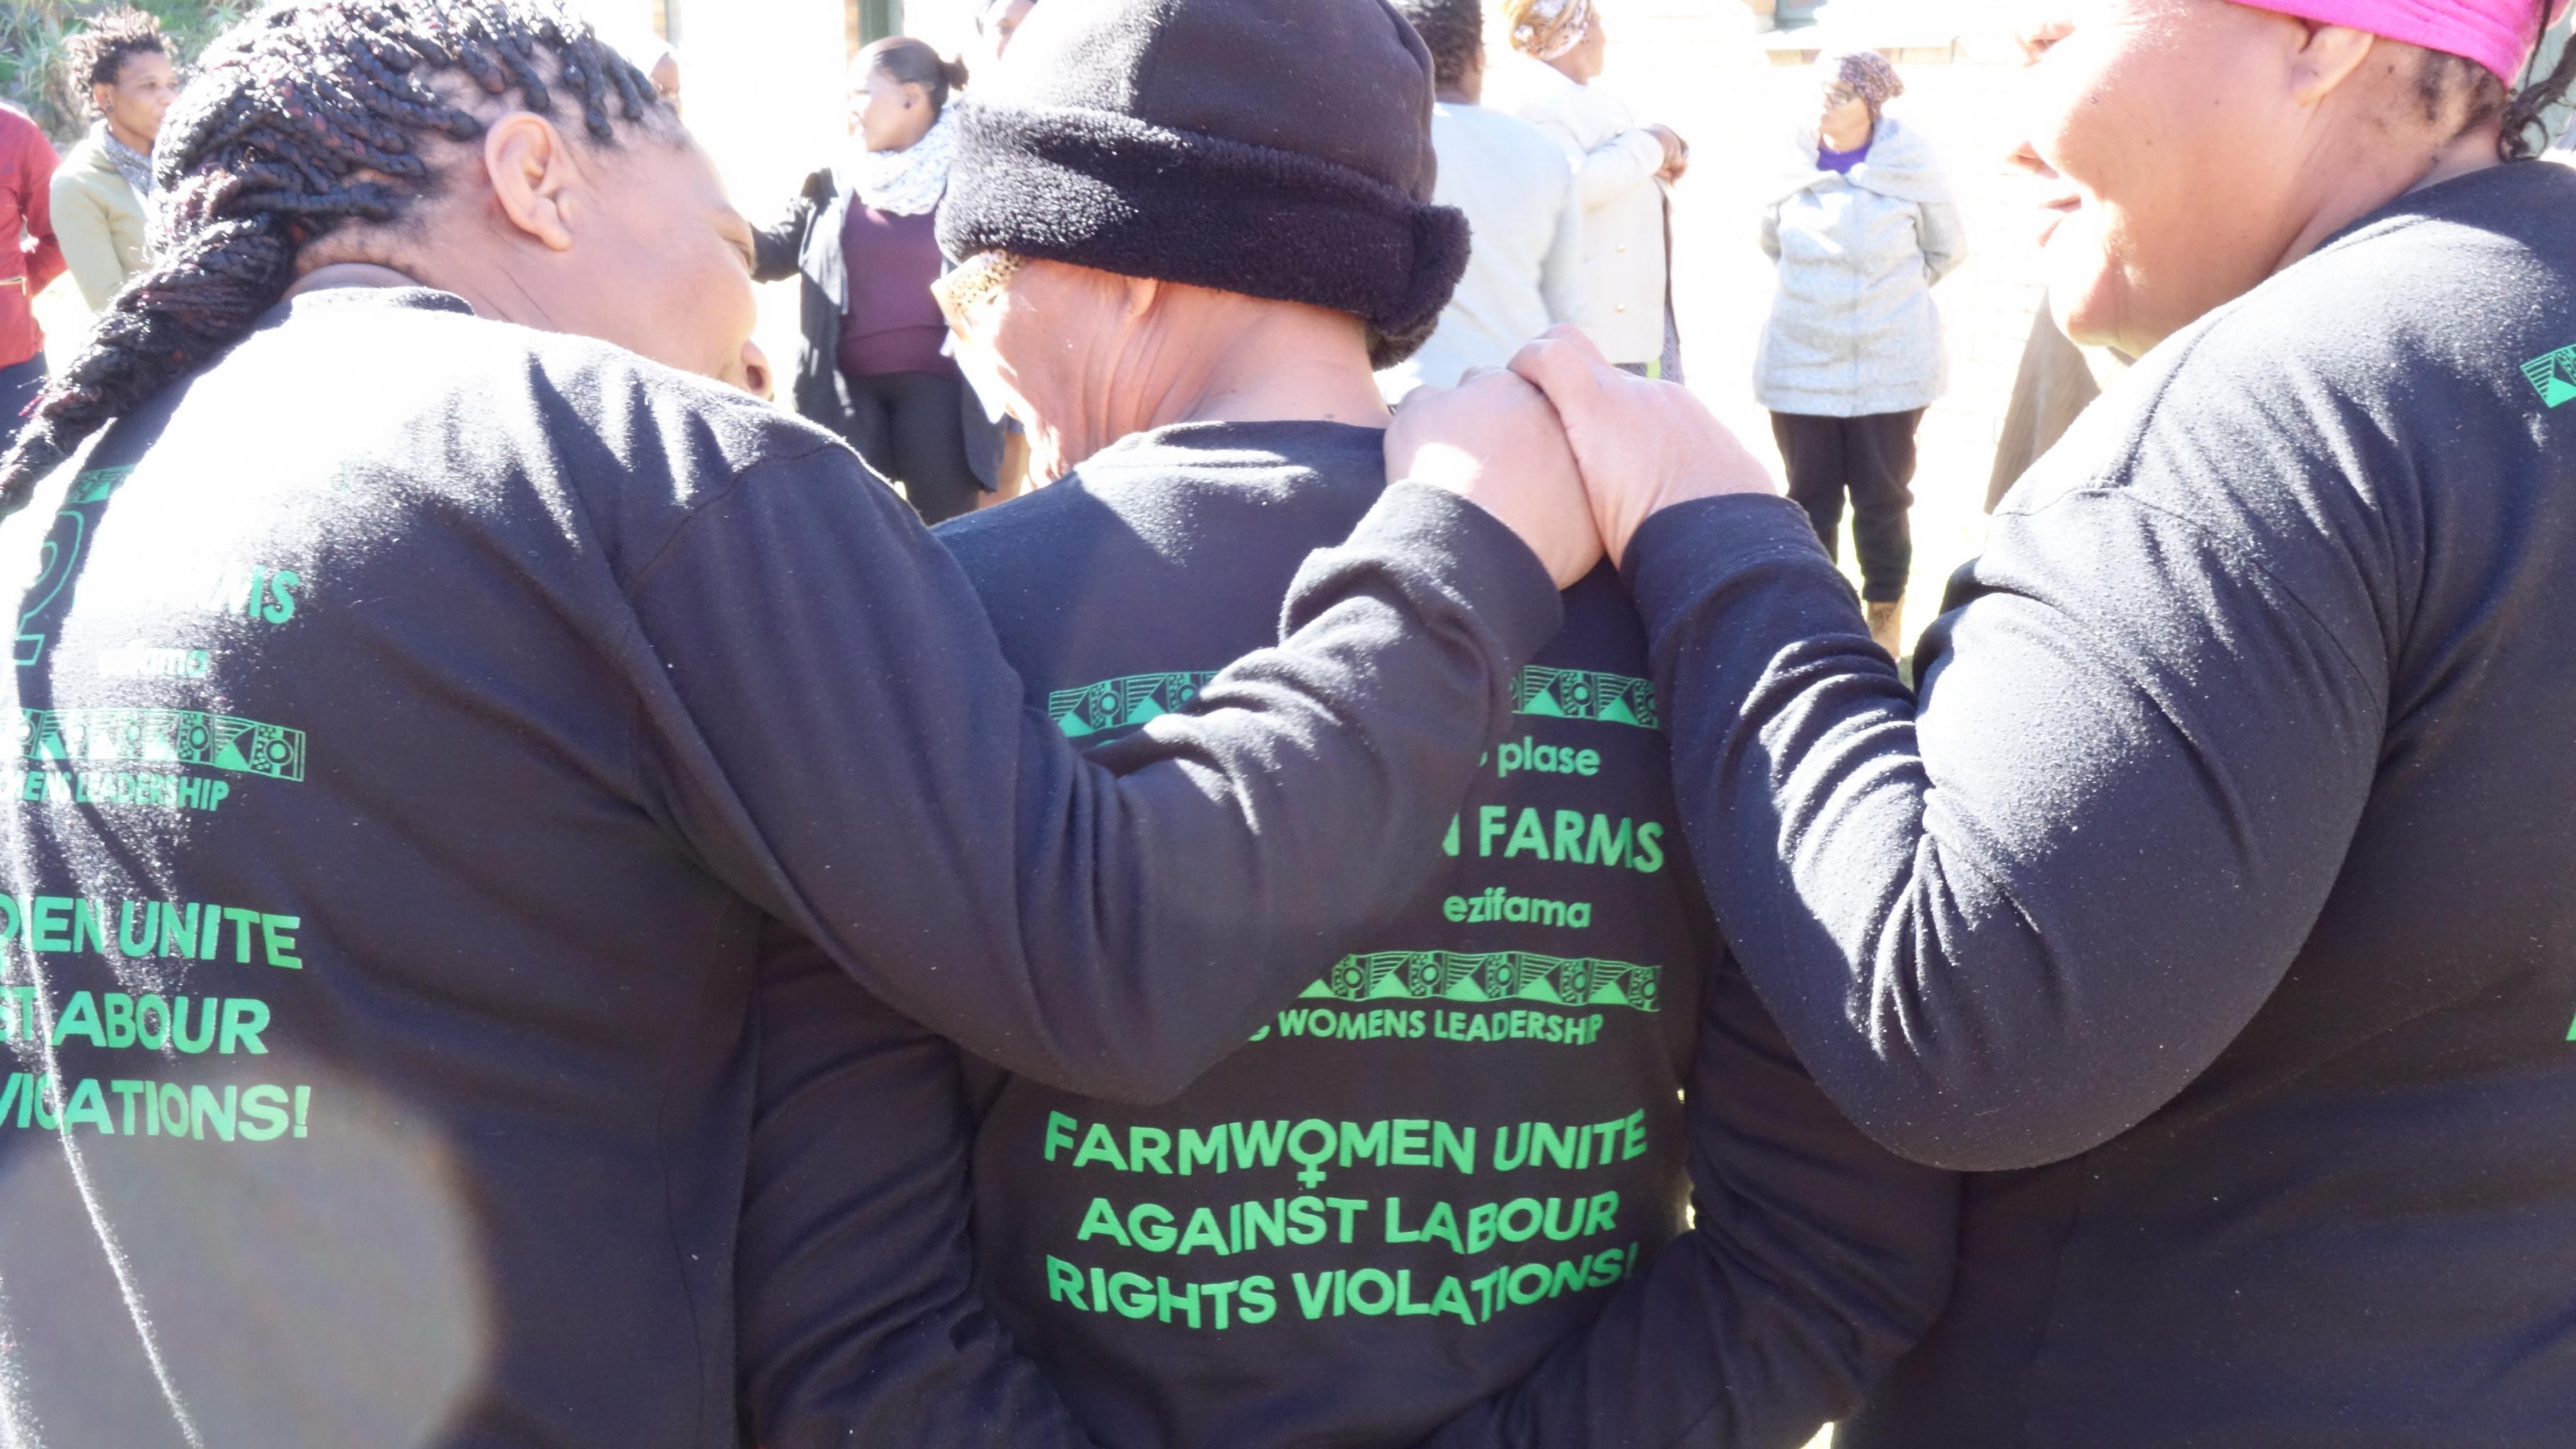 """Drei Frauen stehen nebeneinander, die Hände auf die Schultern gelegt. Auf ihren Pullovern steht: """"Farmwomen unite against labour rights violations!"""""""